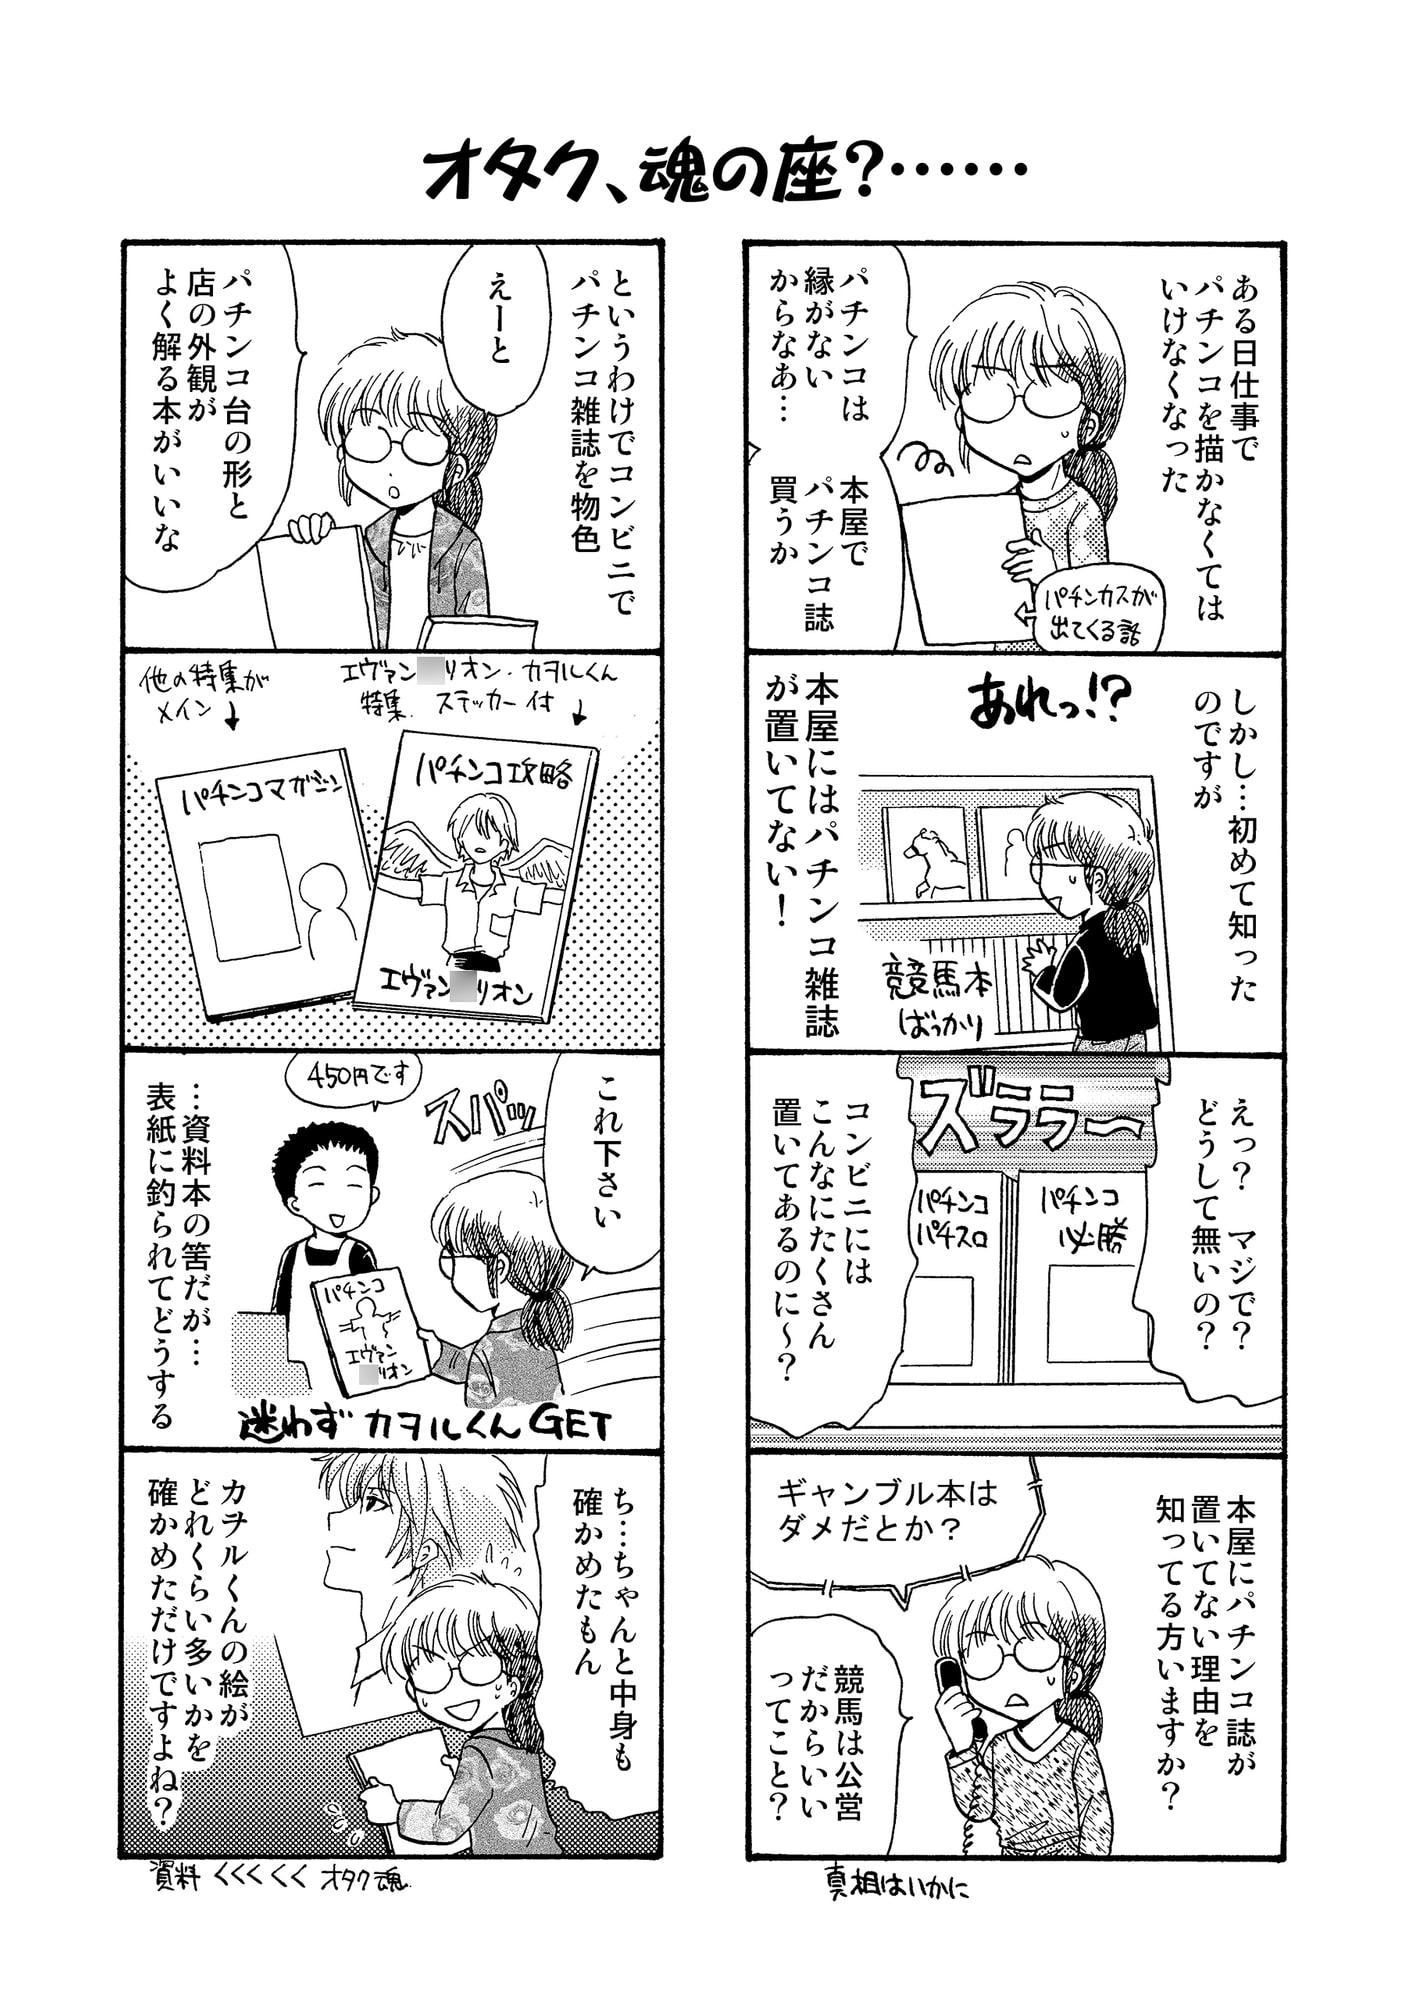 日常のあなた 2009~2011総集編(3)同人と萌えとイベントの話